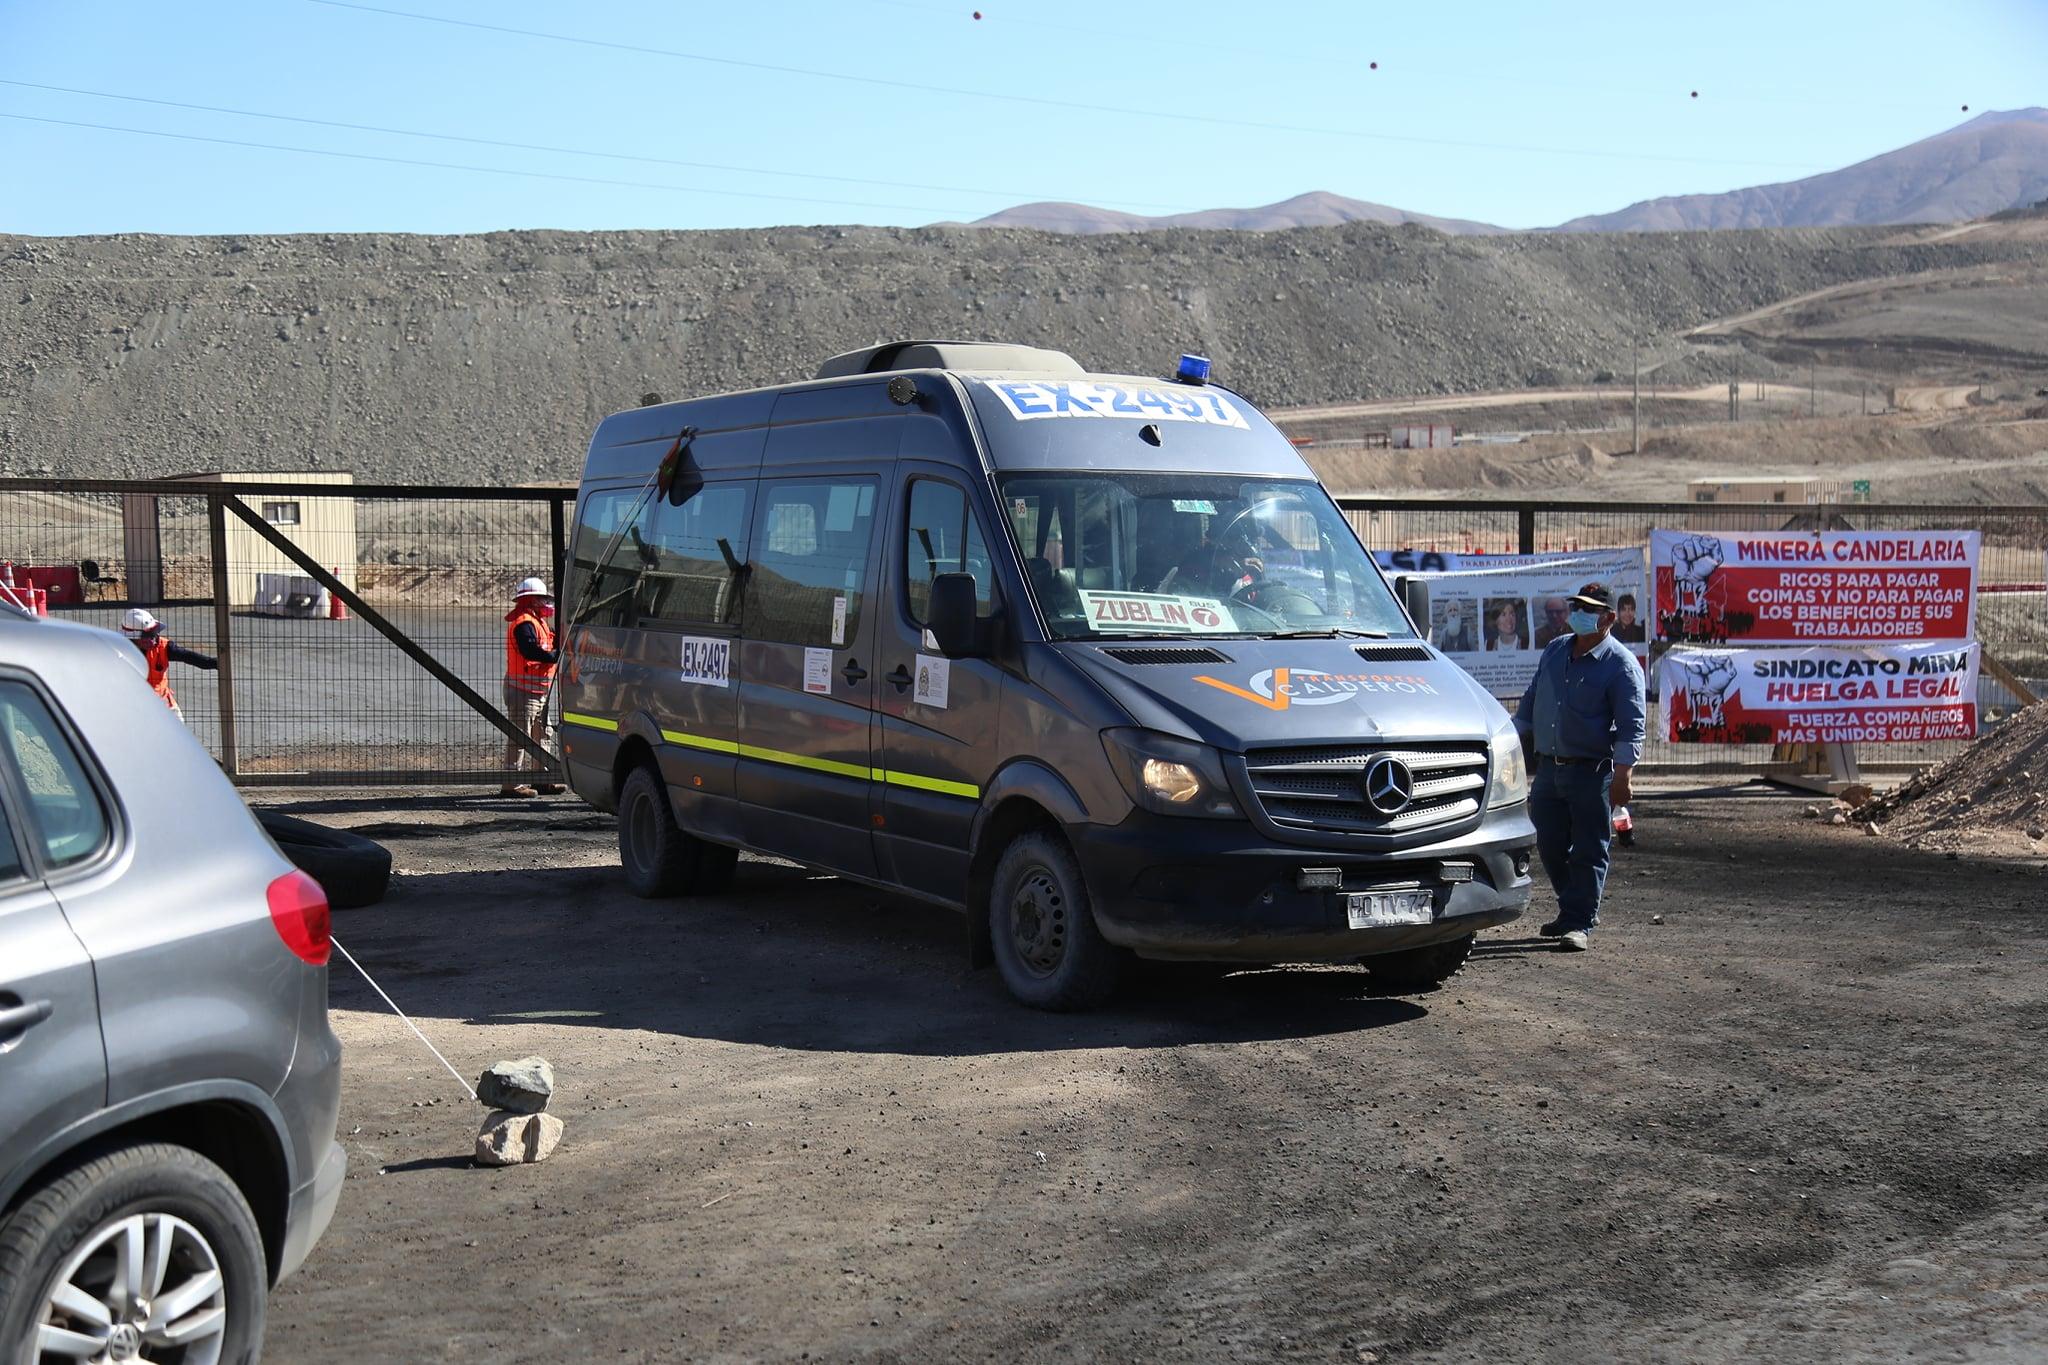 Huelga de mina Candelaria: sindicatos rechazaron bono de $11 millones